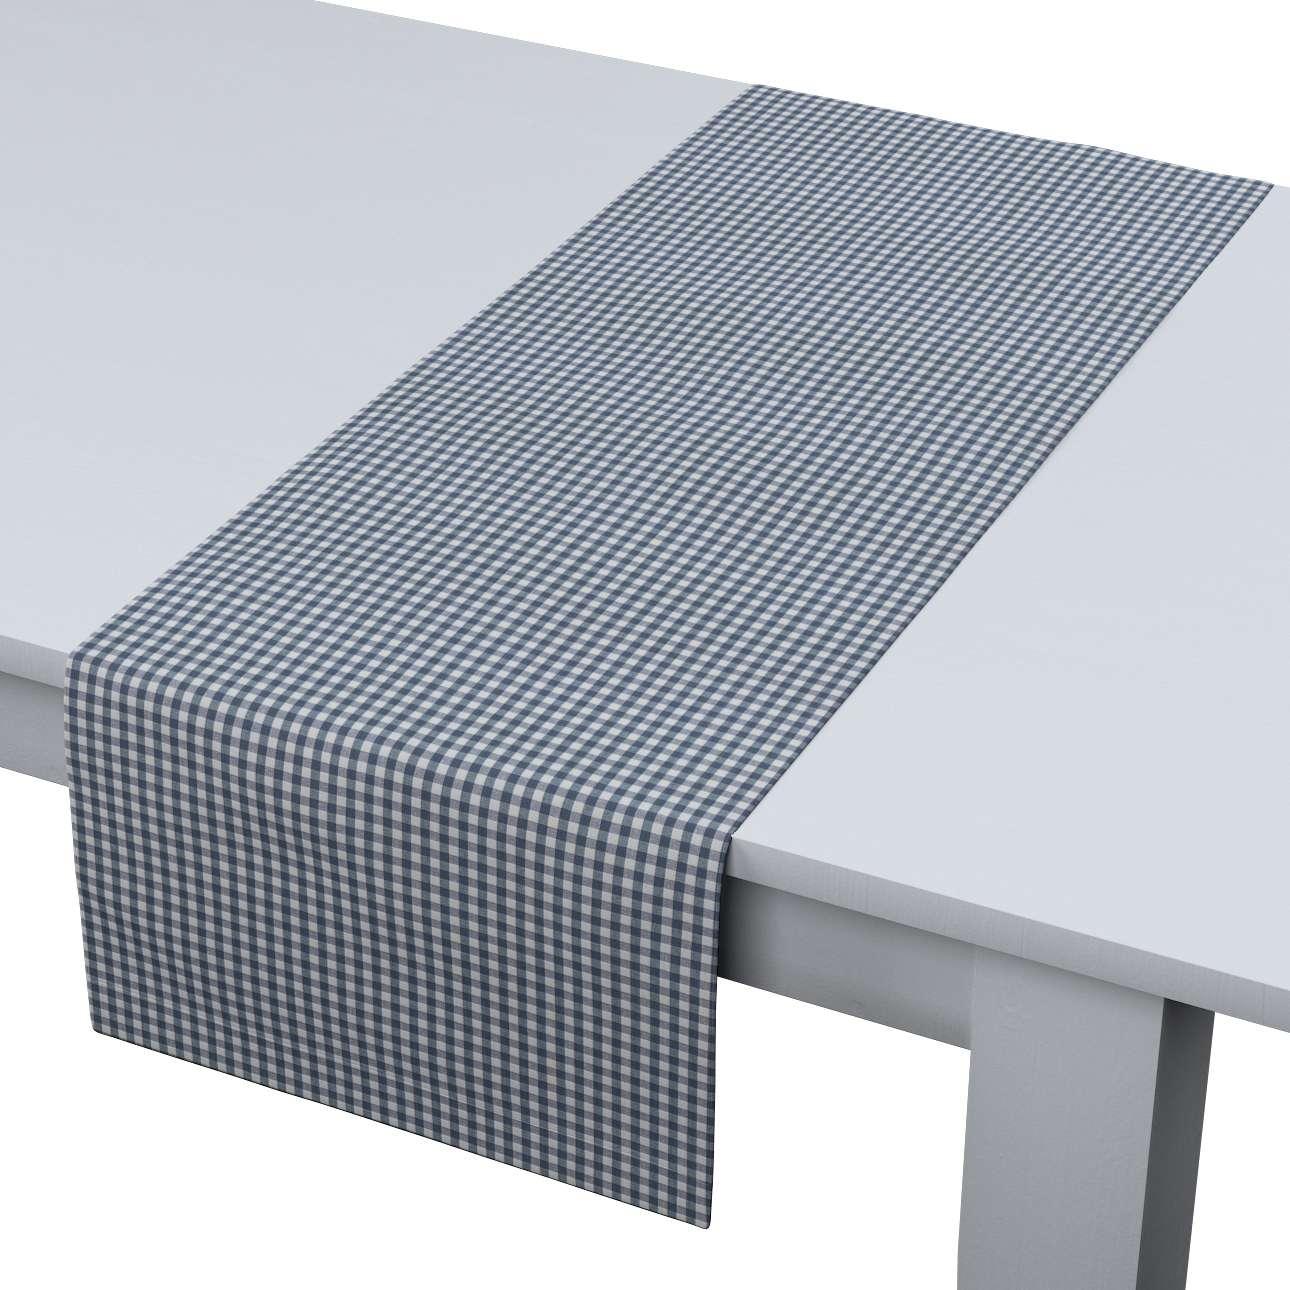 Bieżnik prostokątny 40x130 cm w kolekcji Quadro, tkanina: 136-00